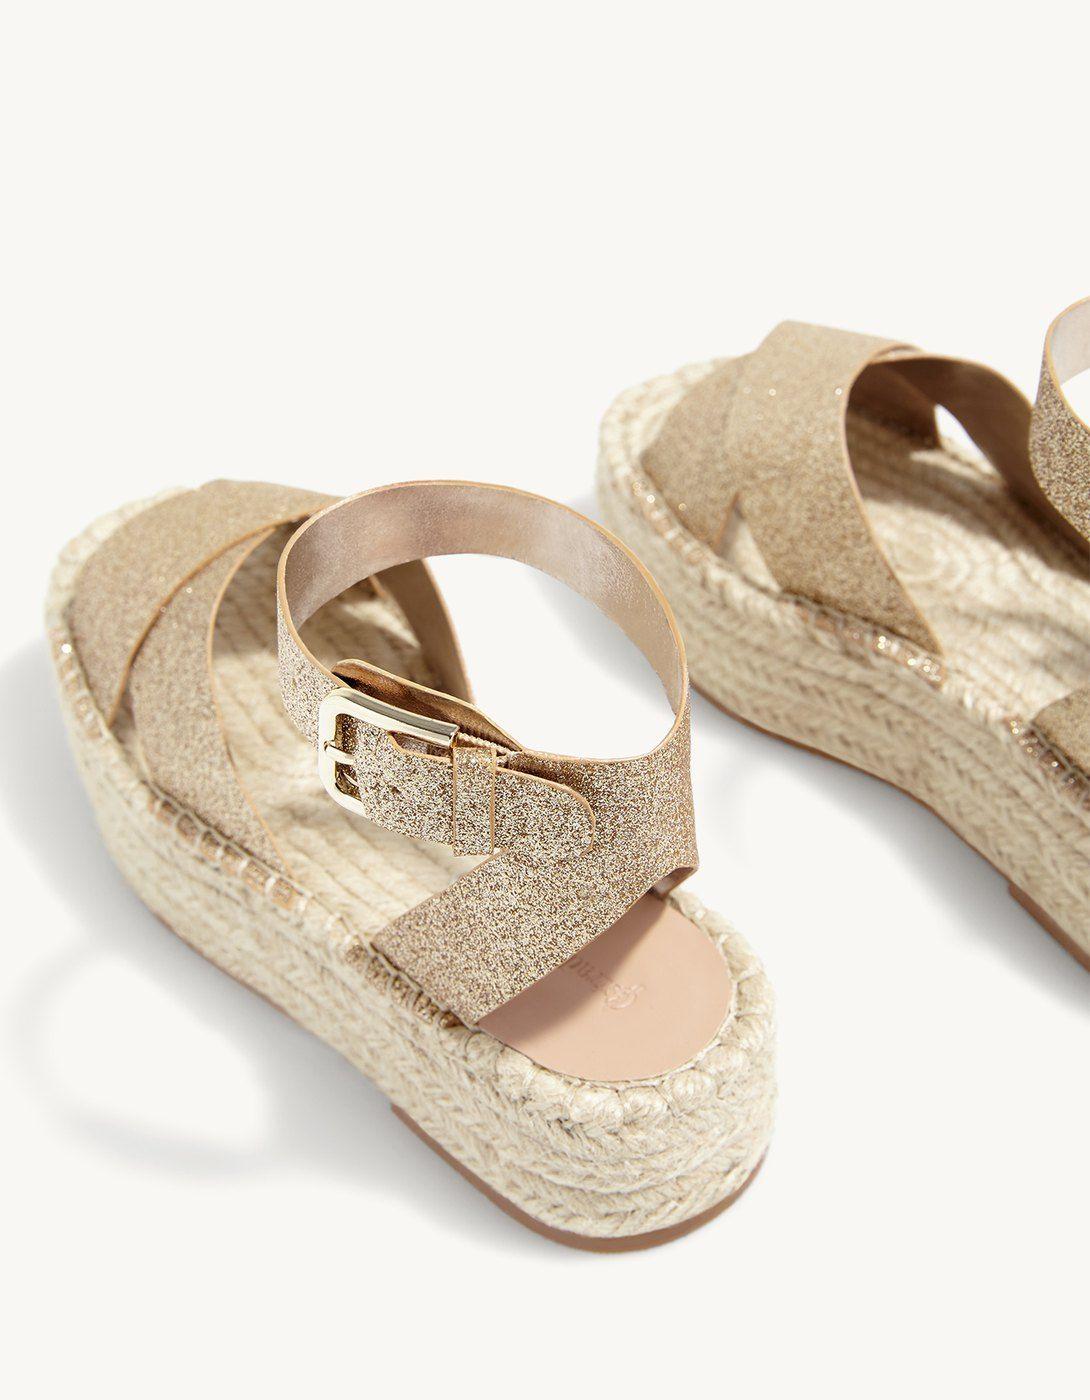 650ec3af544f Glitter flatform sandals - Just in